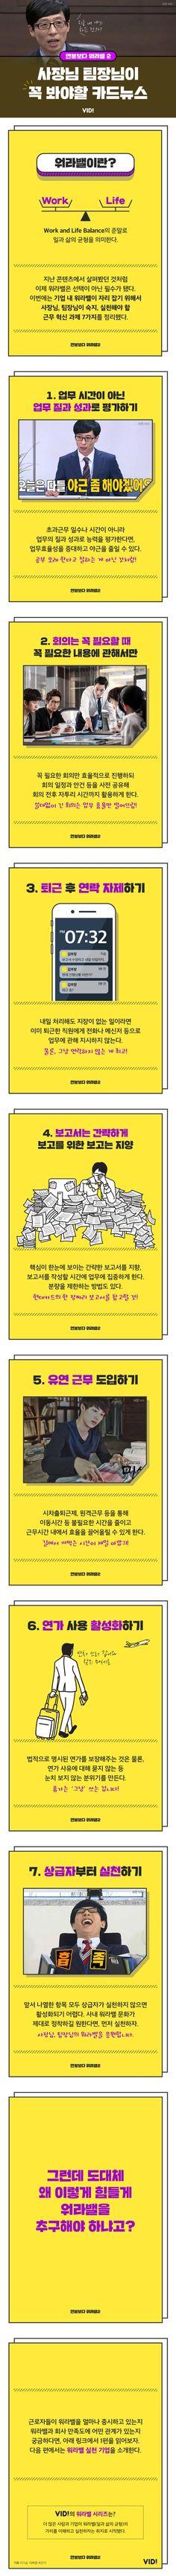 <연봉보다 워라밸 2> 사장님, 팀장님이 꼭 봐야할 카드뉴스 [카드뉴스] #work #life #balance #cardnews Ppt Design, Infographics, Sentences, Landing, Promotion, Editorial, Banner, Typography, Cards